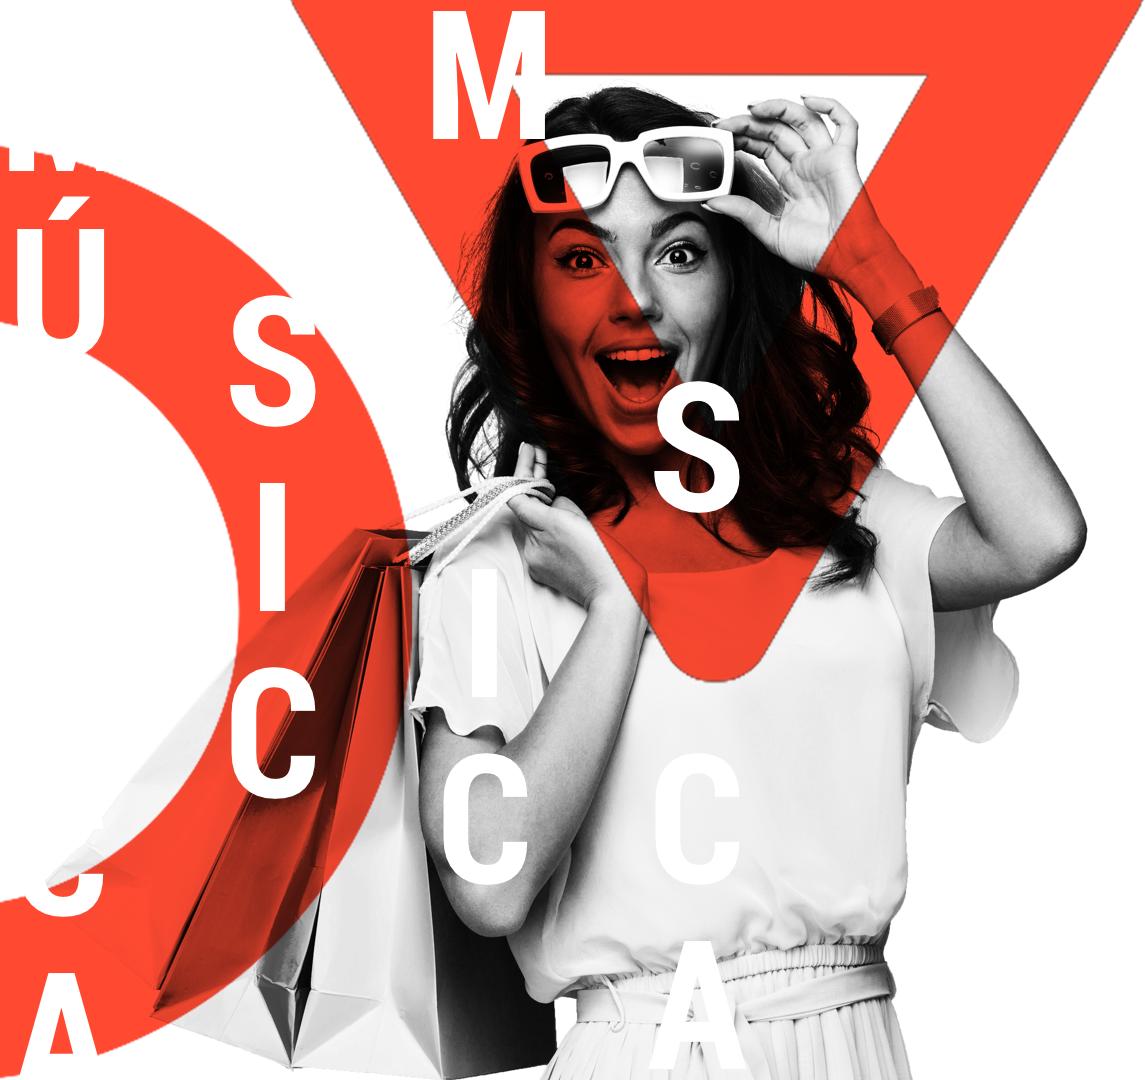 musica-ambiental-para-locales-aumentar-ventas-fidelizar-clientes-kasimu